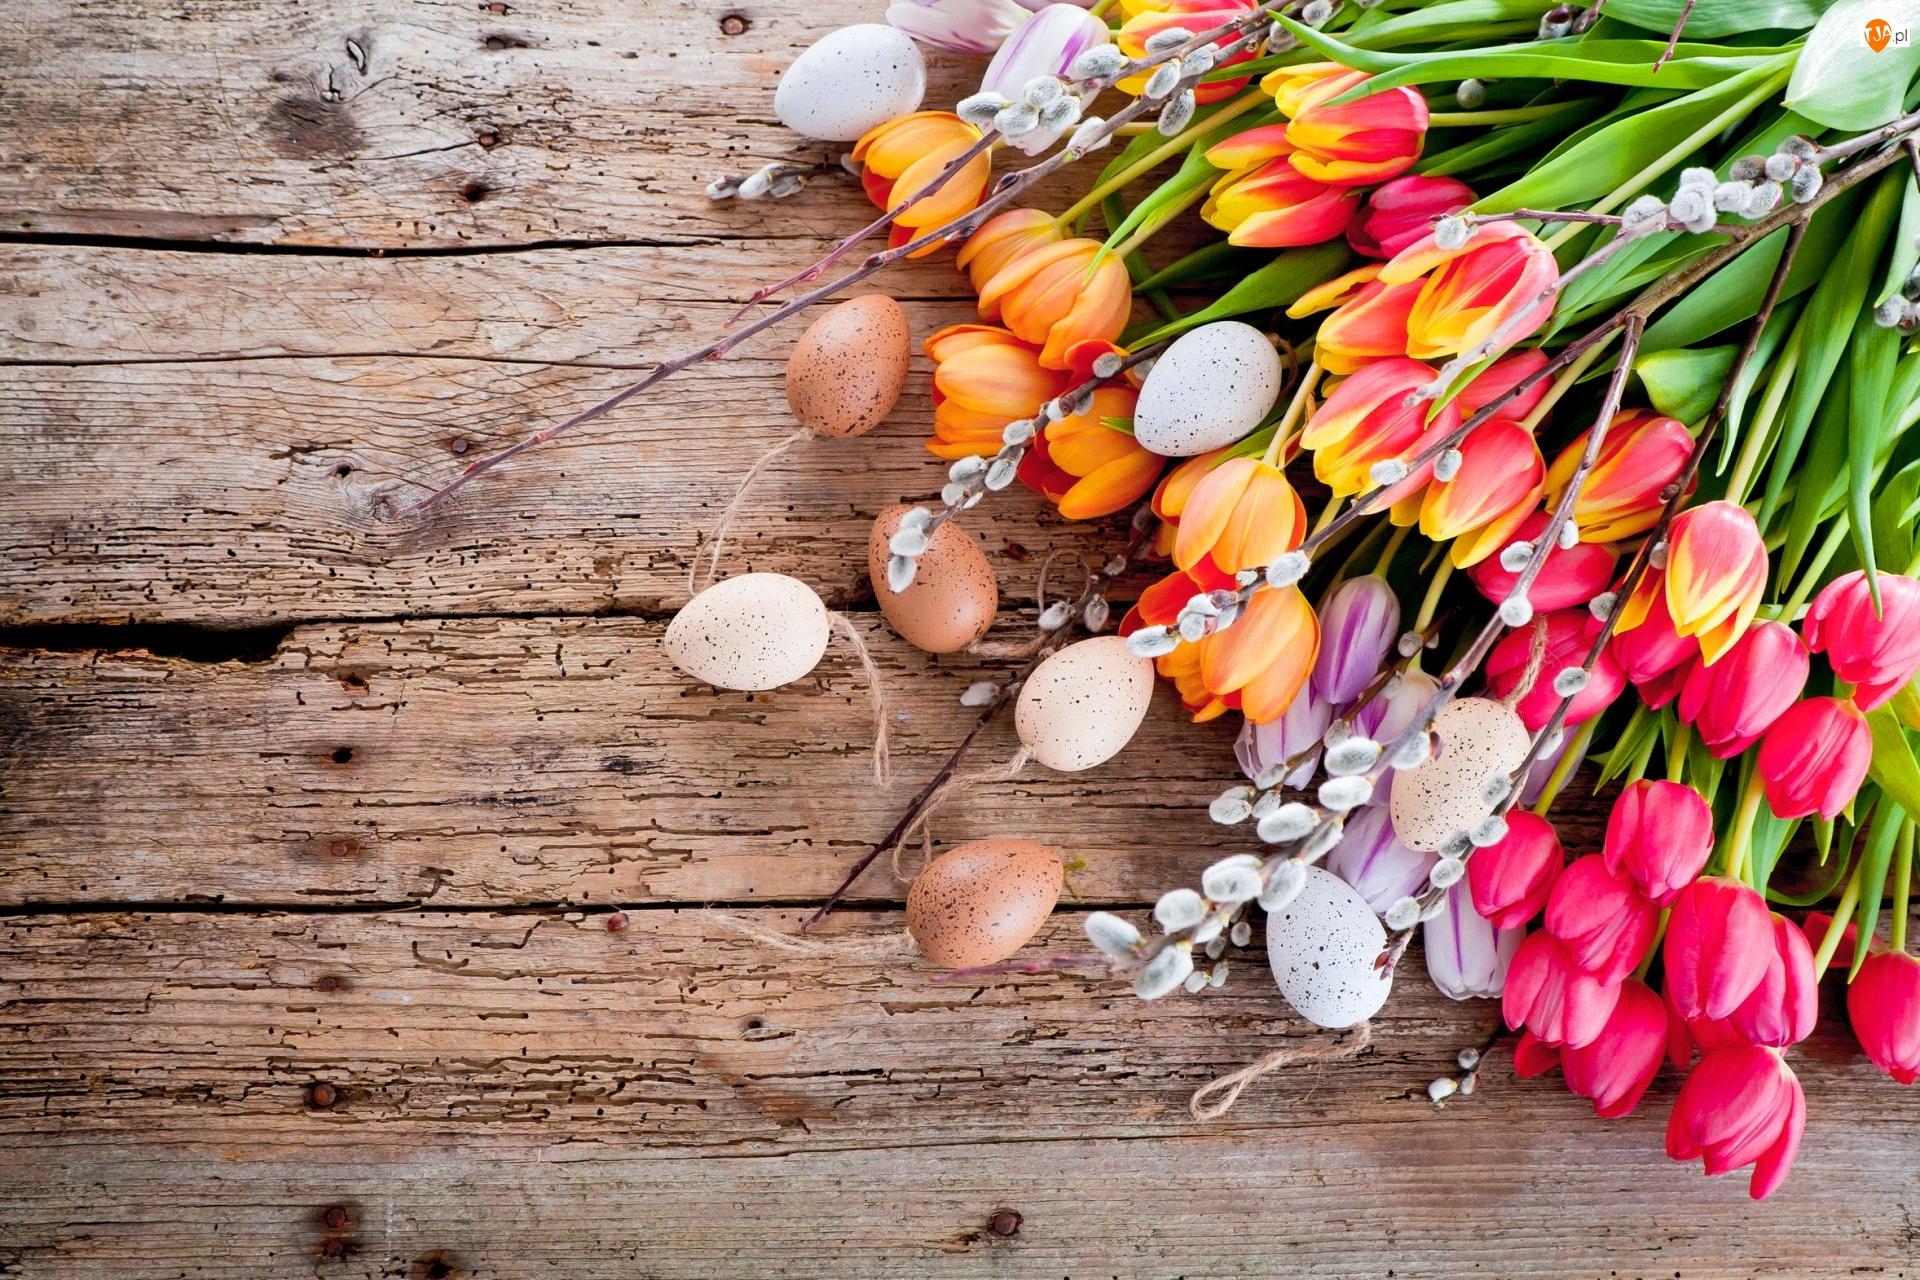 Bazie, Kompozycja, Pisanki, Wielkanoc, Tulipany